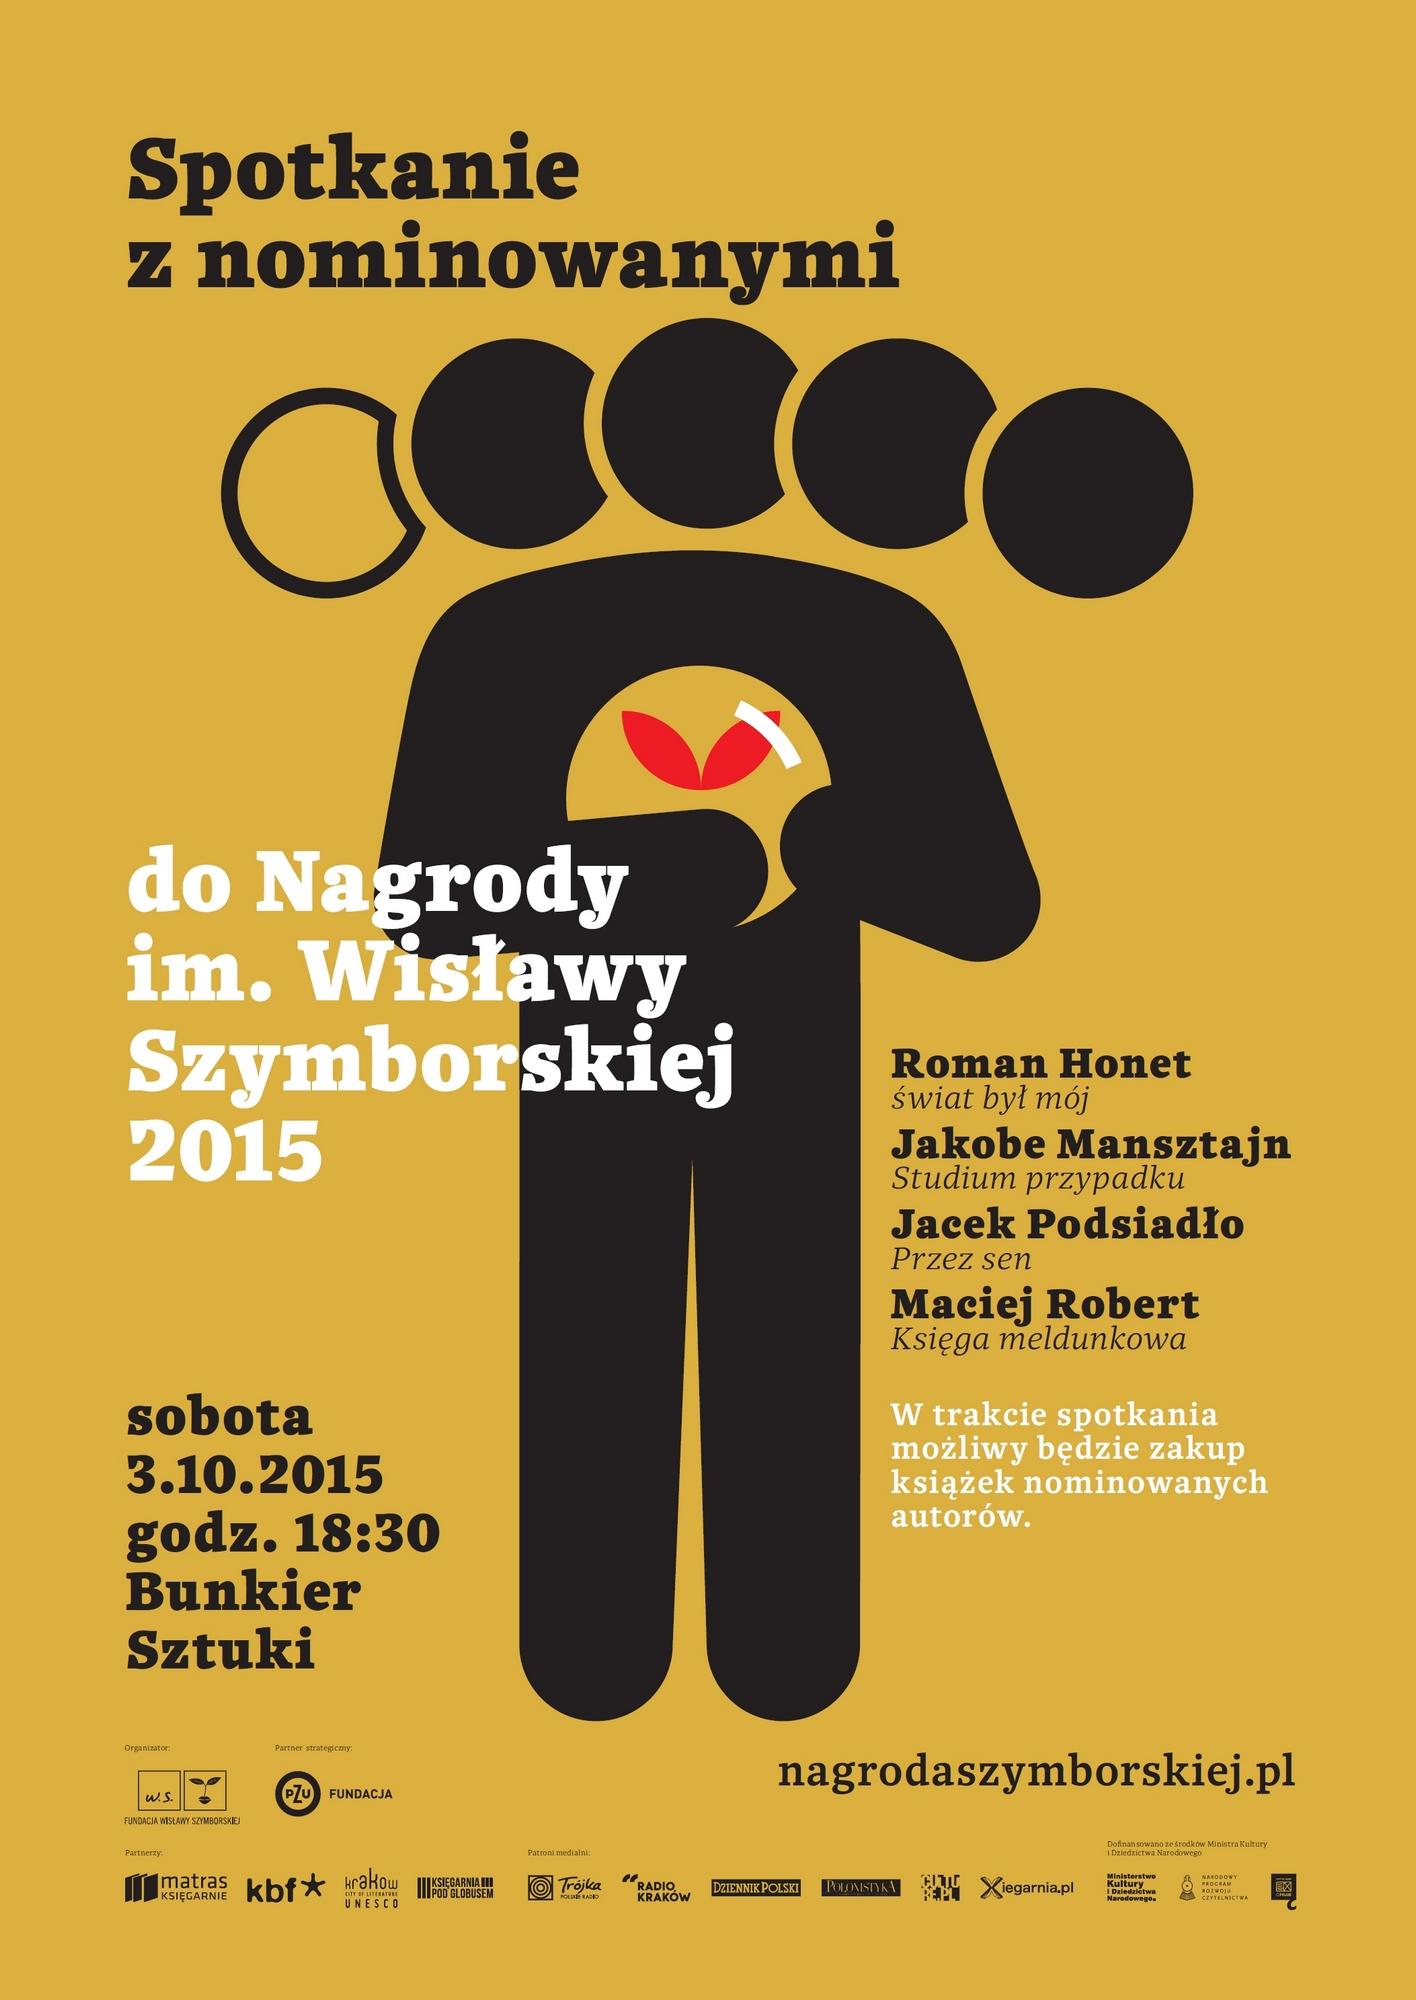 Spotkanie z nominowanymi do Nagrody im. Wisławy Szymborskiej – plakat (źródło: materiały prasowe organizatora)